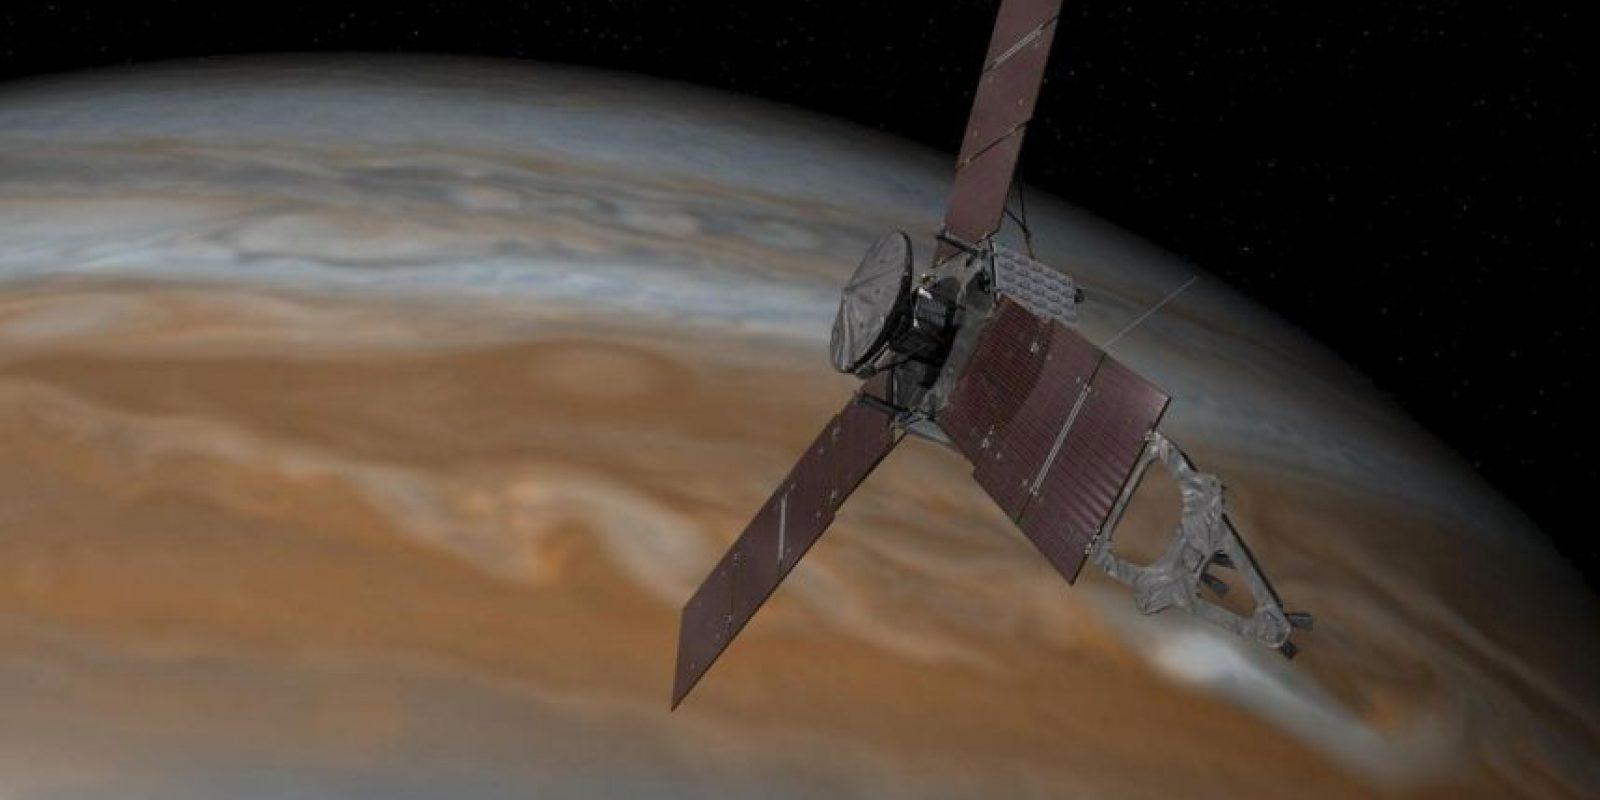 La sonda espacial tardó cinco años en llegar hasta la órbita de Júpiter Foto:NASA. Imagen Por: